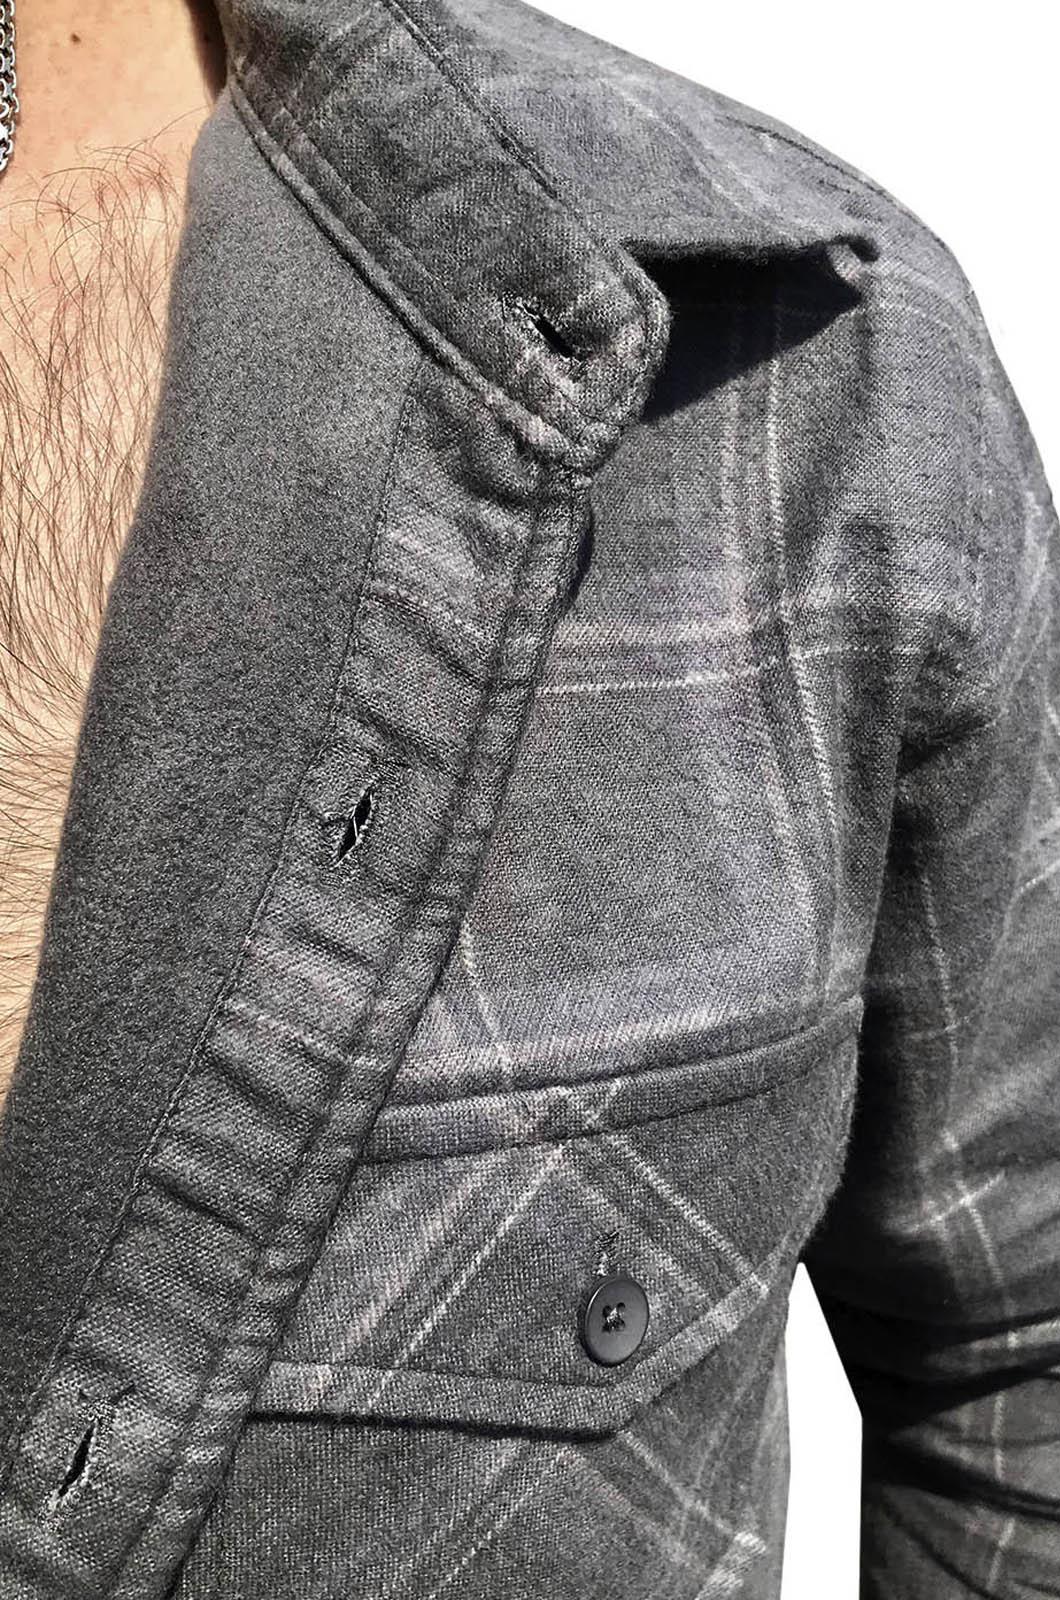 Стильная утепленная рубашка с вышитым шевроном Че Гевара - купить по низкой цене